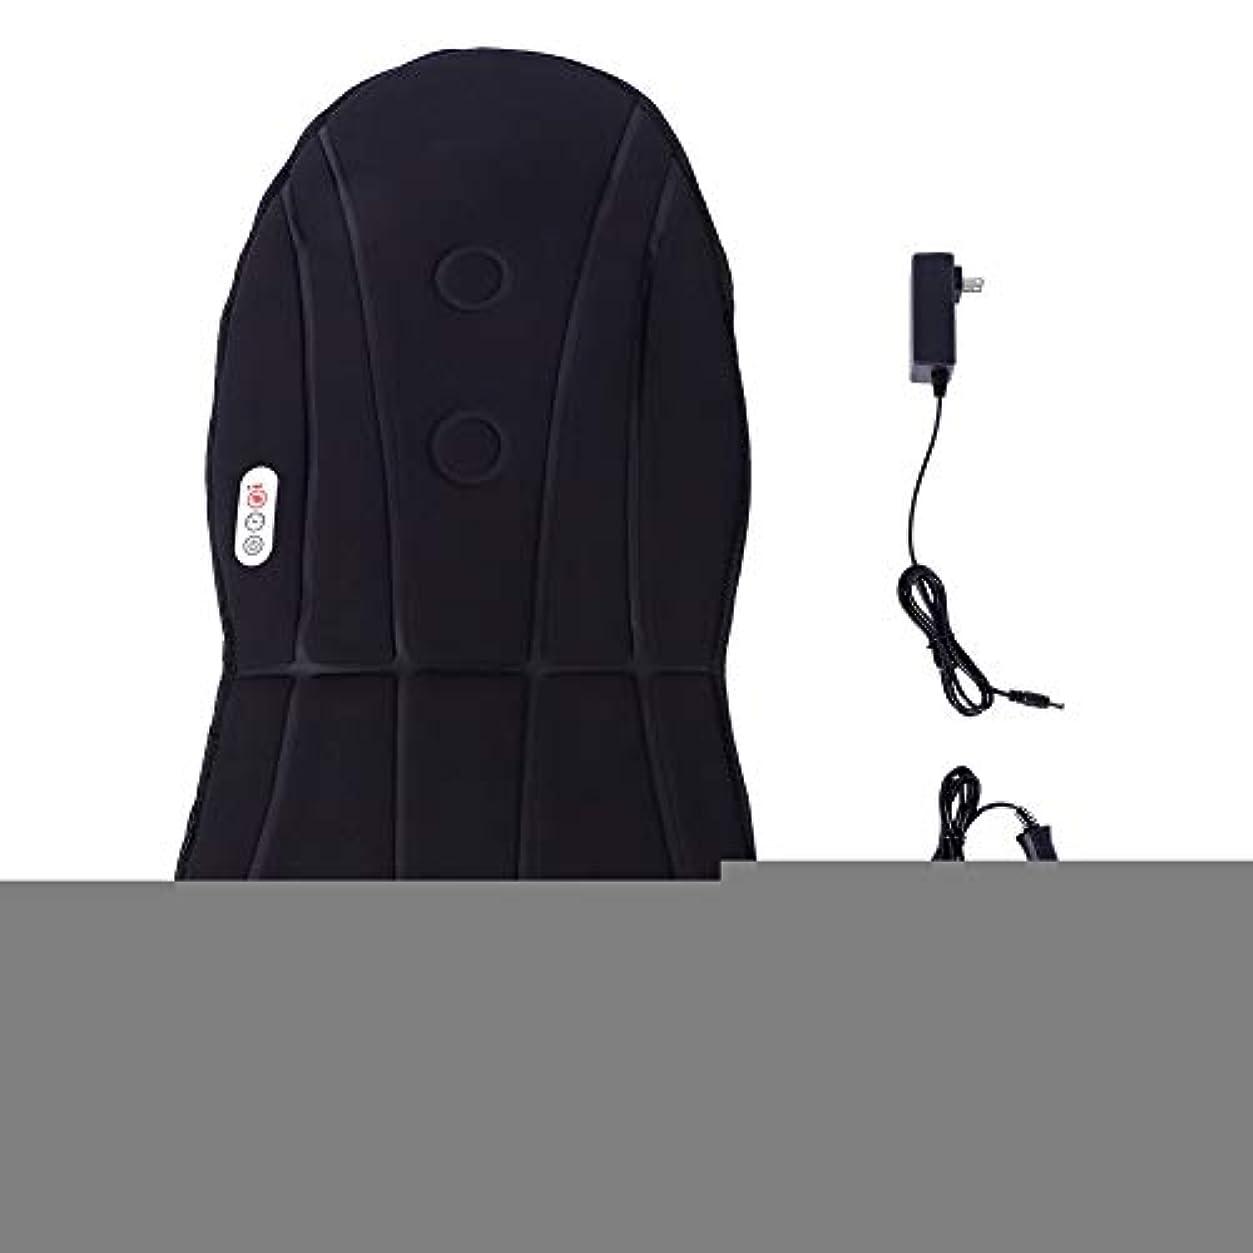 テント中古派生するバックマッサージと首の振動のための暖房マッサージ付きマッサージ車のクッション振動クッション3ホームオフィスで調整可能な速度(US)